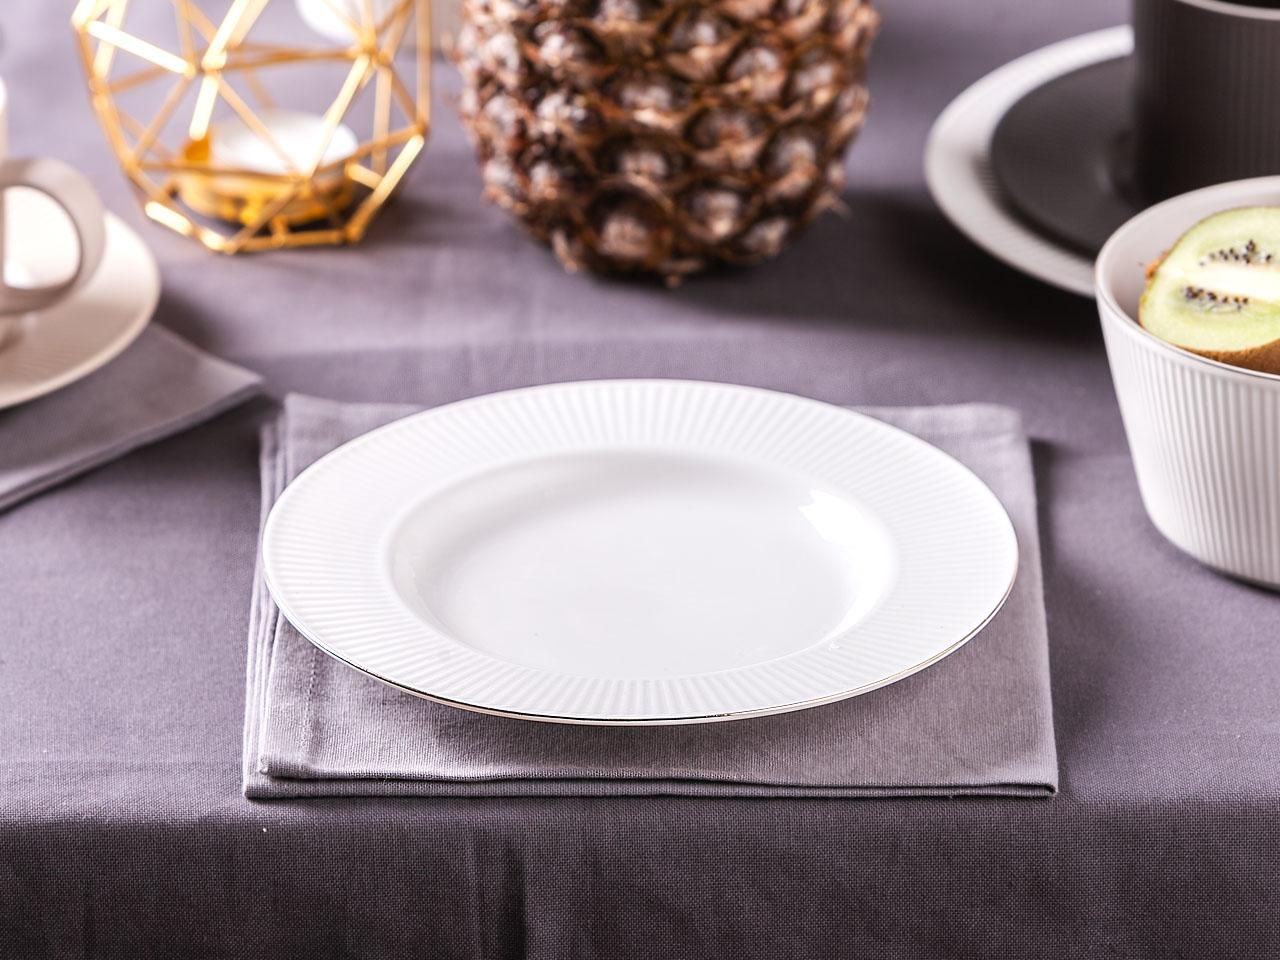 Talerz deserowy porcelanowy Altom Design Urban White Złota Linia 20 cm